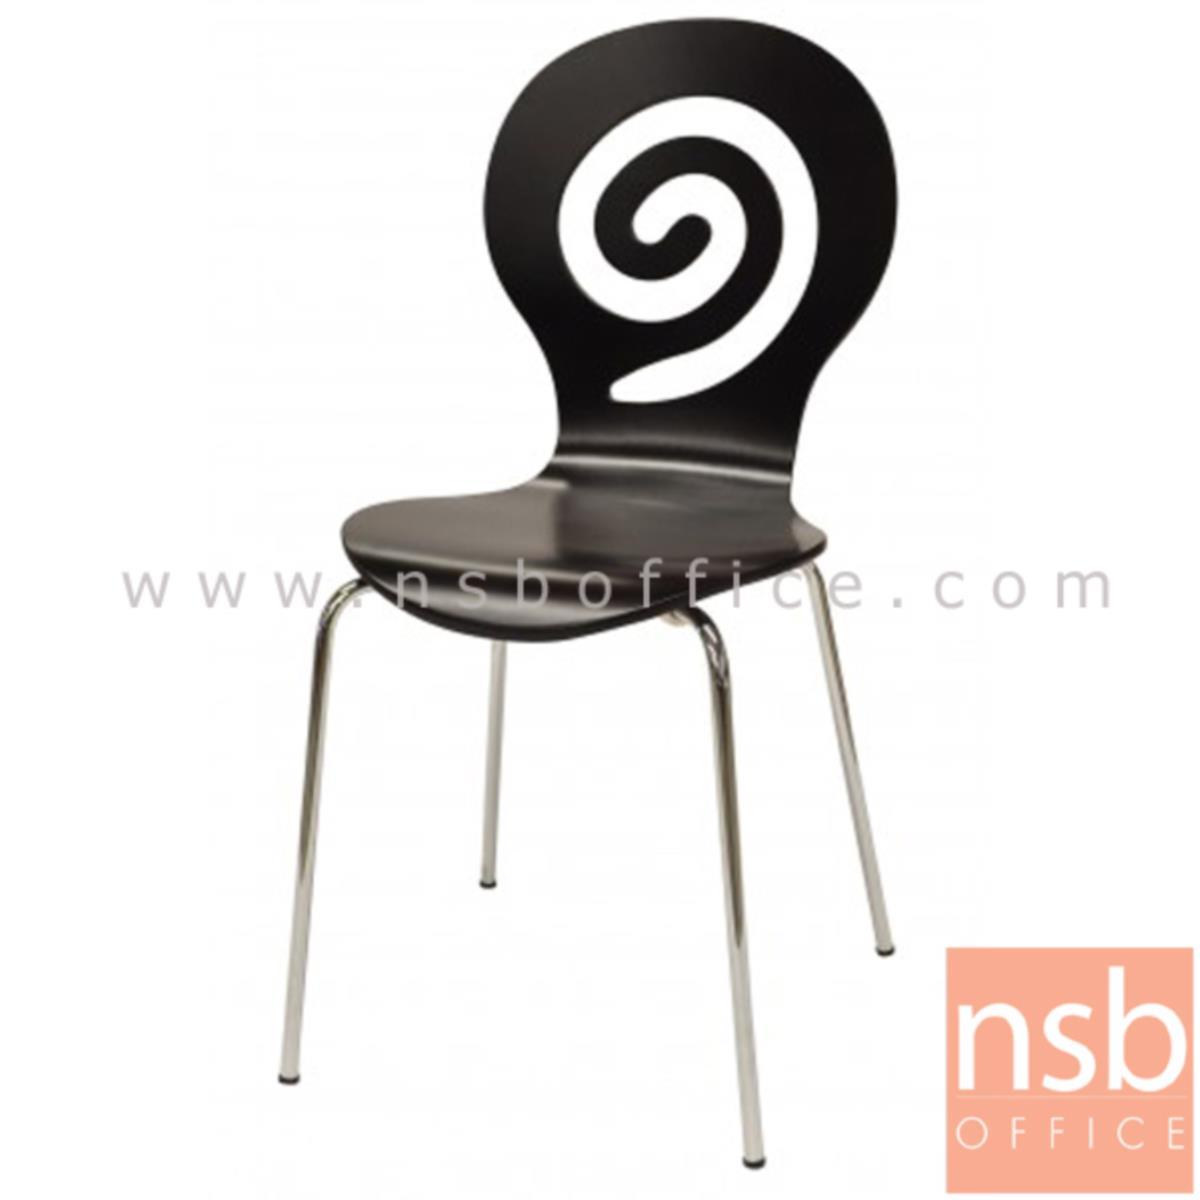 B20A036:เก้าอี้อเนกประสงค์ไม้วีเนียร์ดัด รุ่น McConaughey (แม็คคอนาเฮย์)  ขาเหล็กชุบโครเมี่ยม